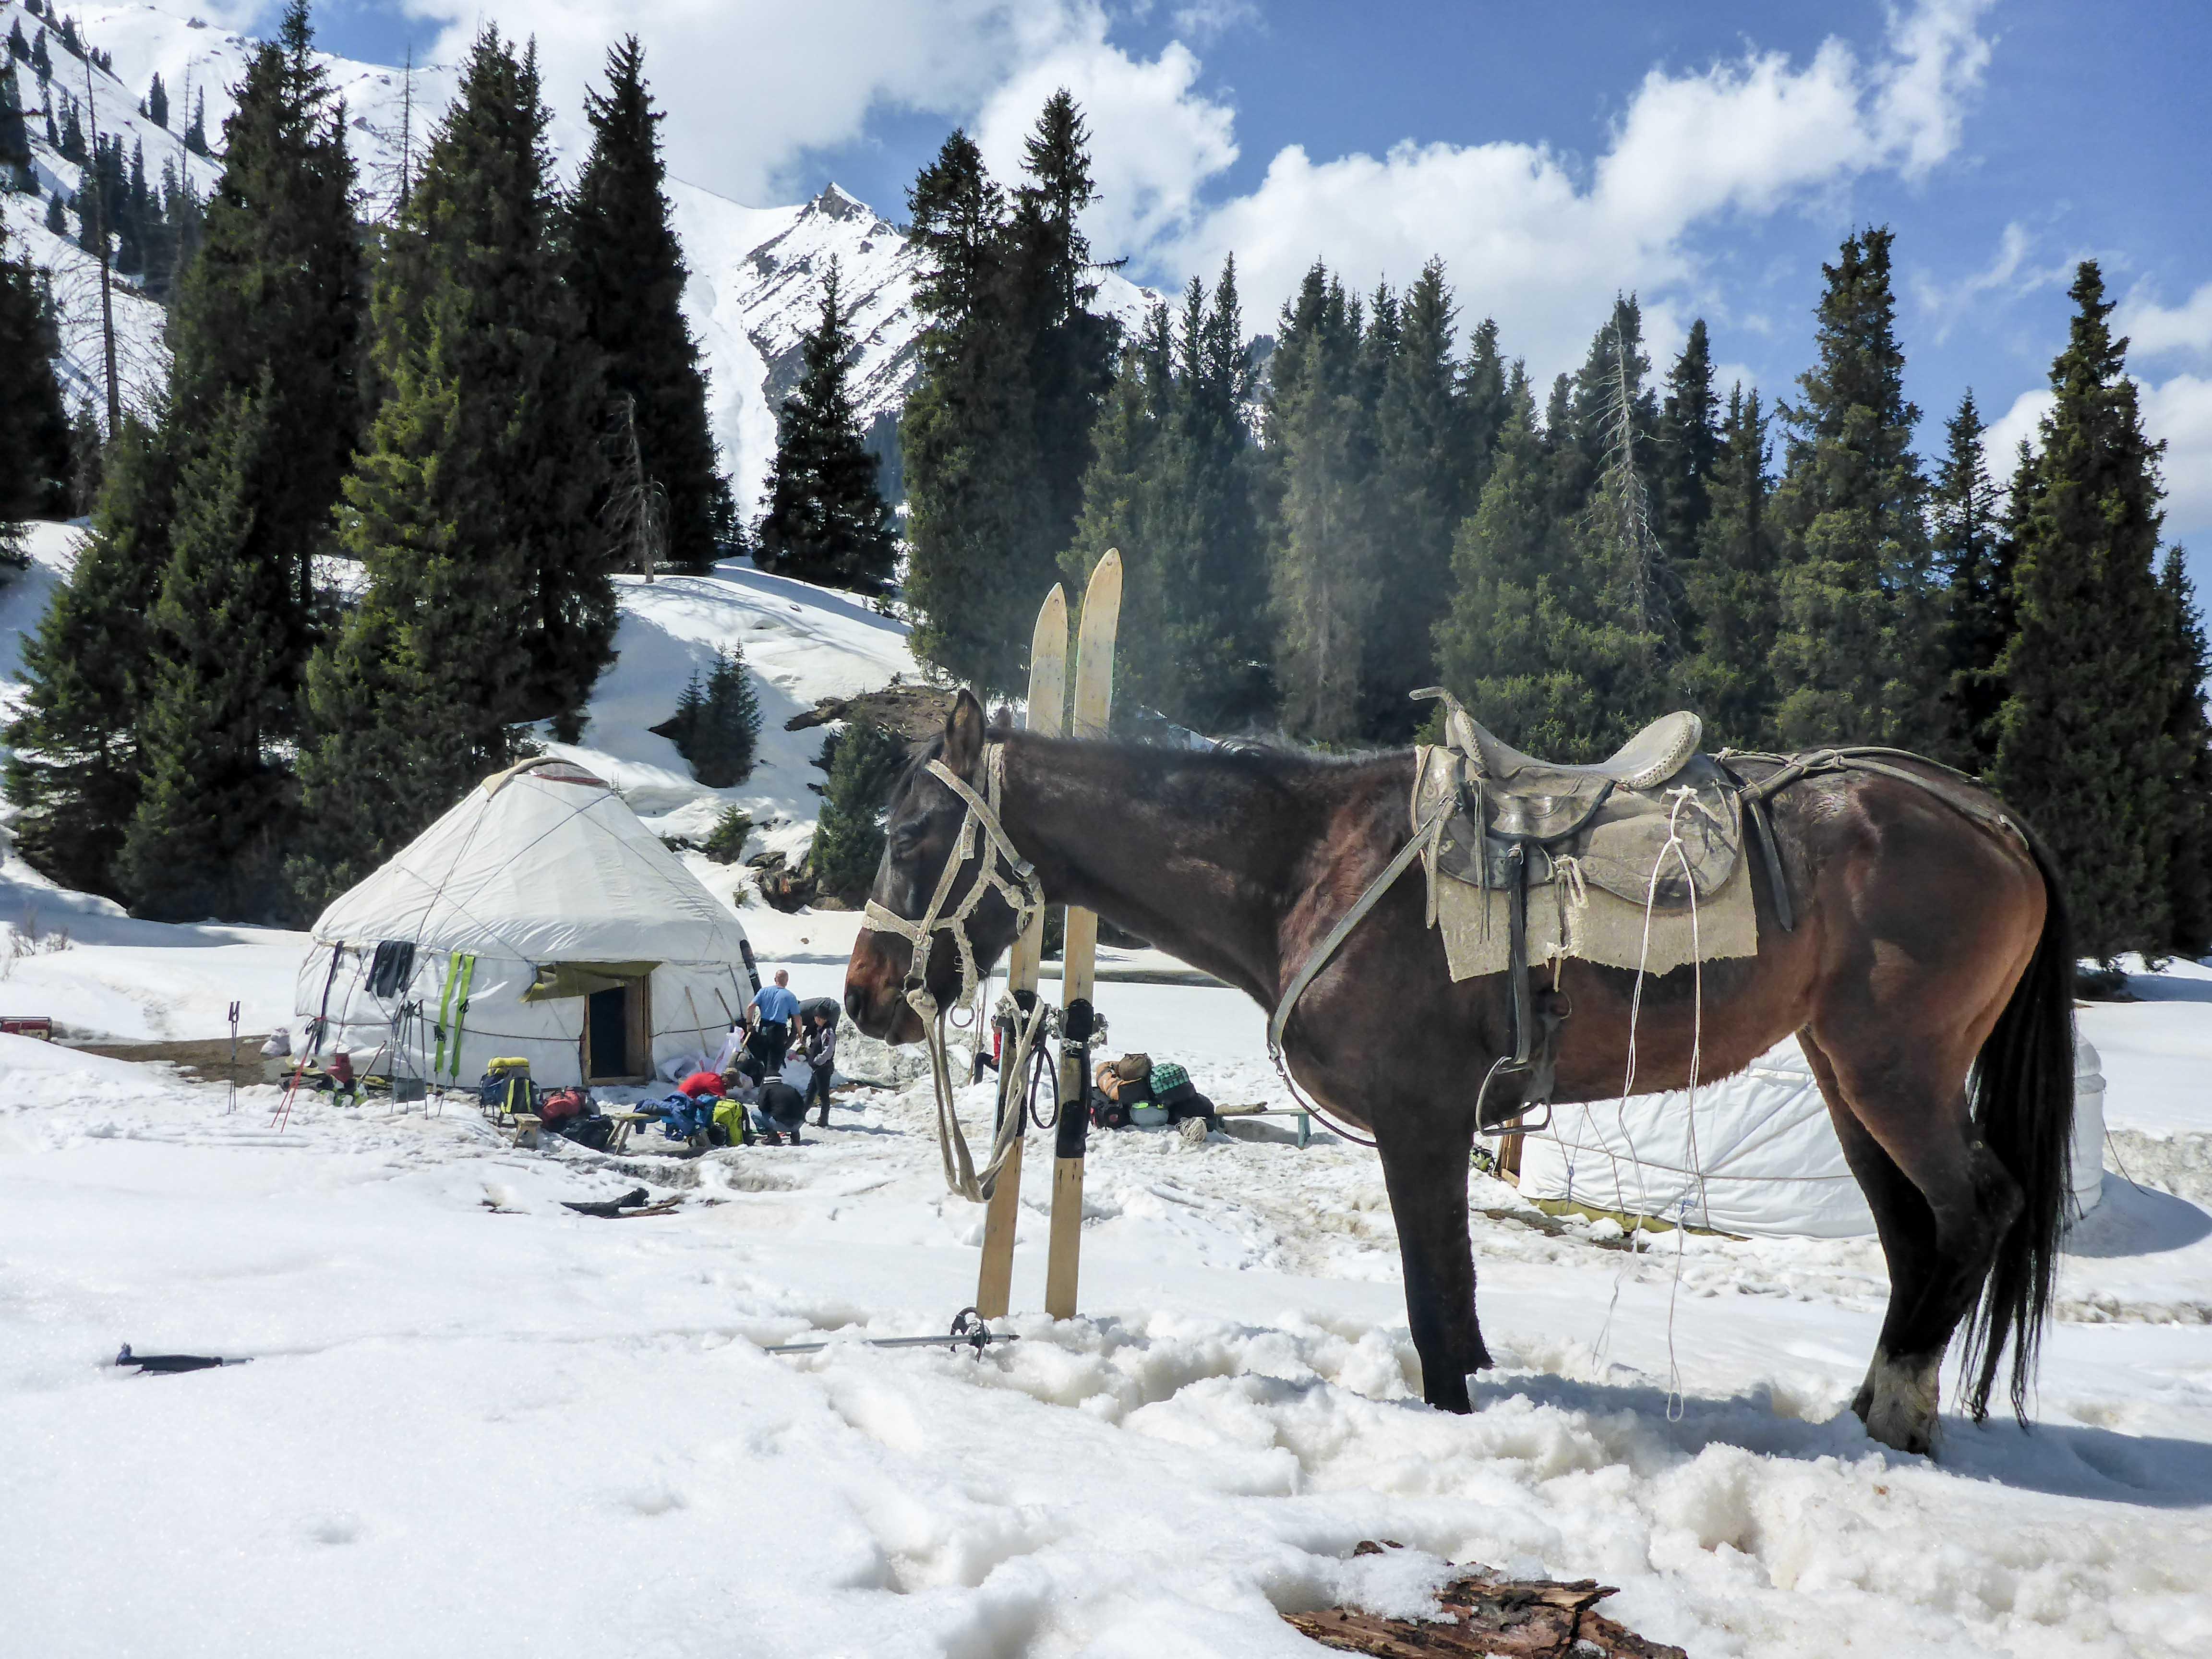 Horse'n Ski in Kyrgyzstan